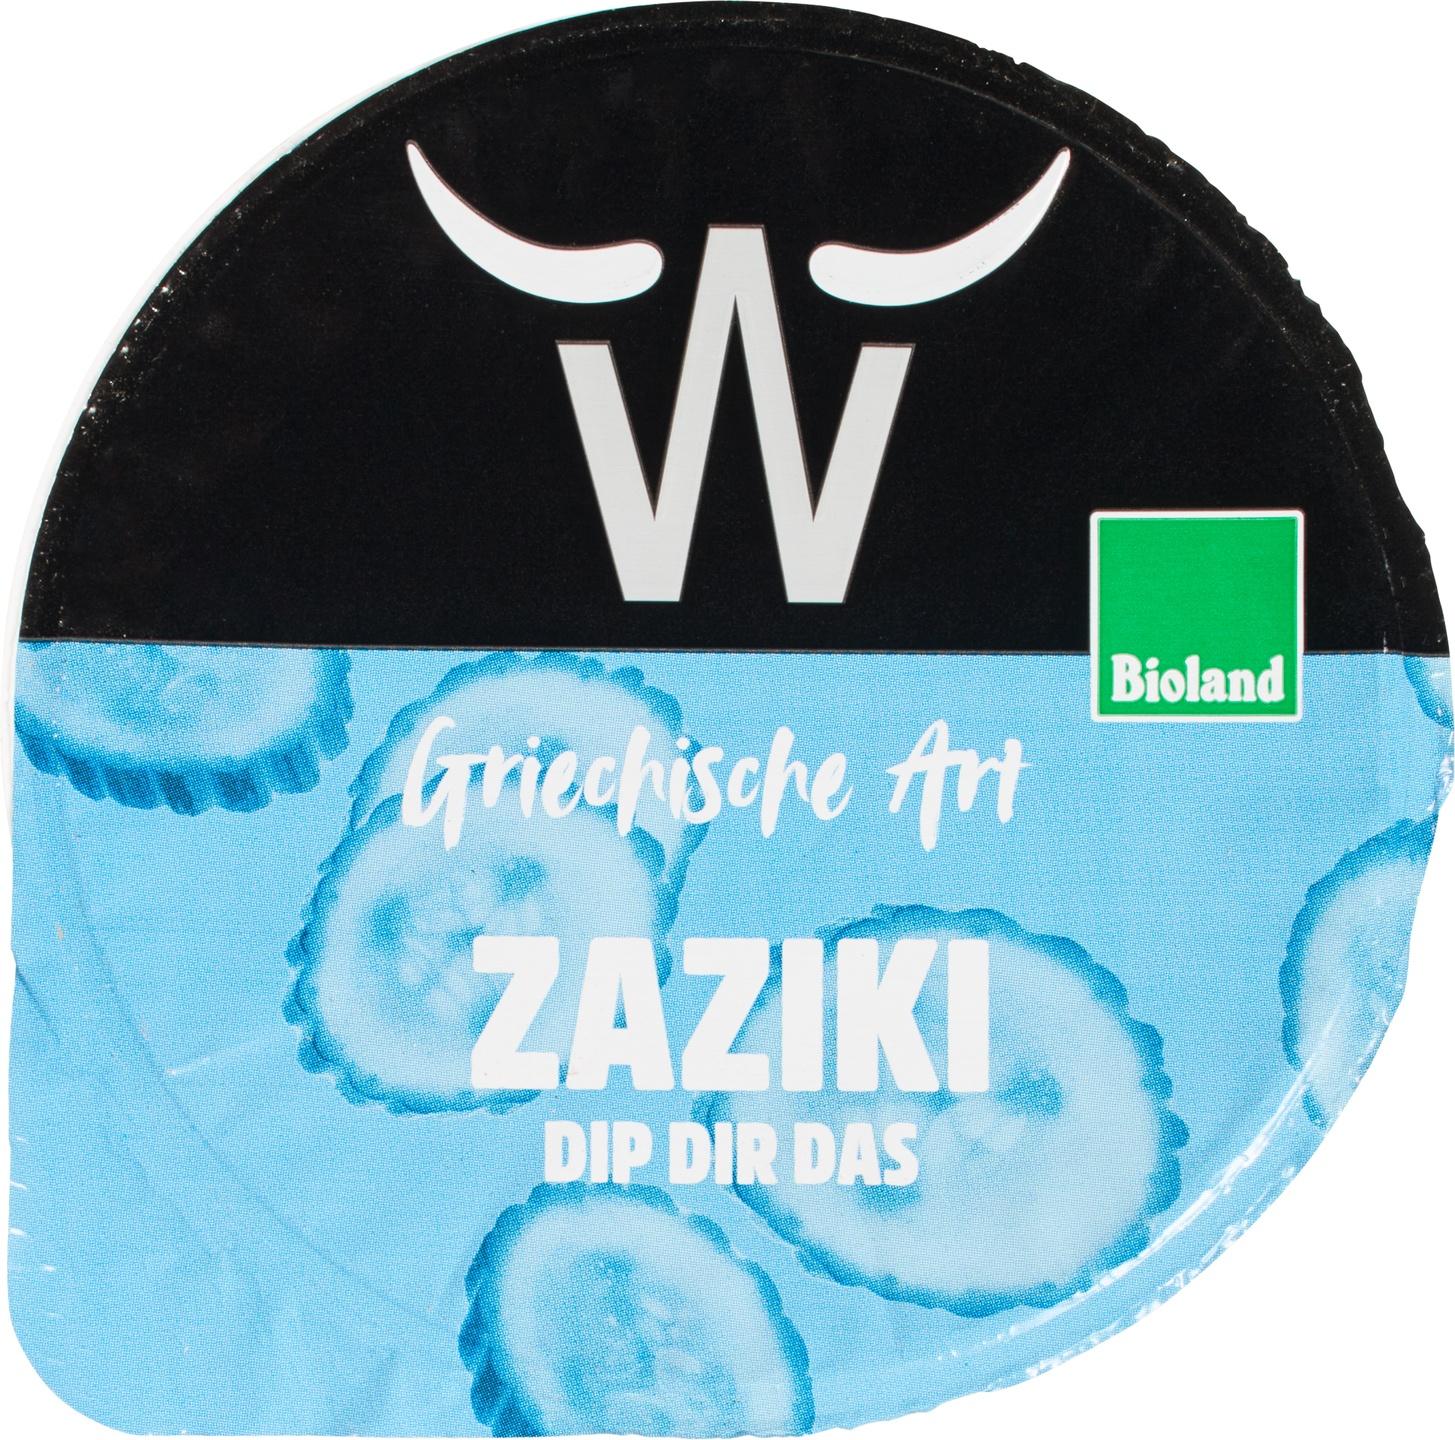 Biologische Weissenhorner Zaziki 175 gr